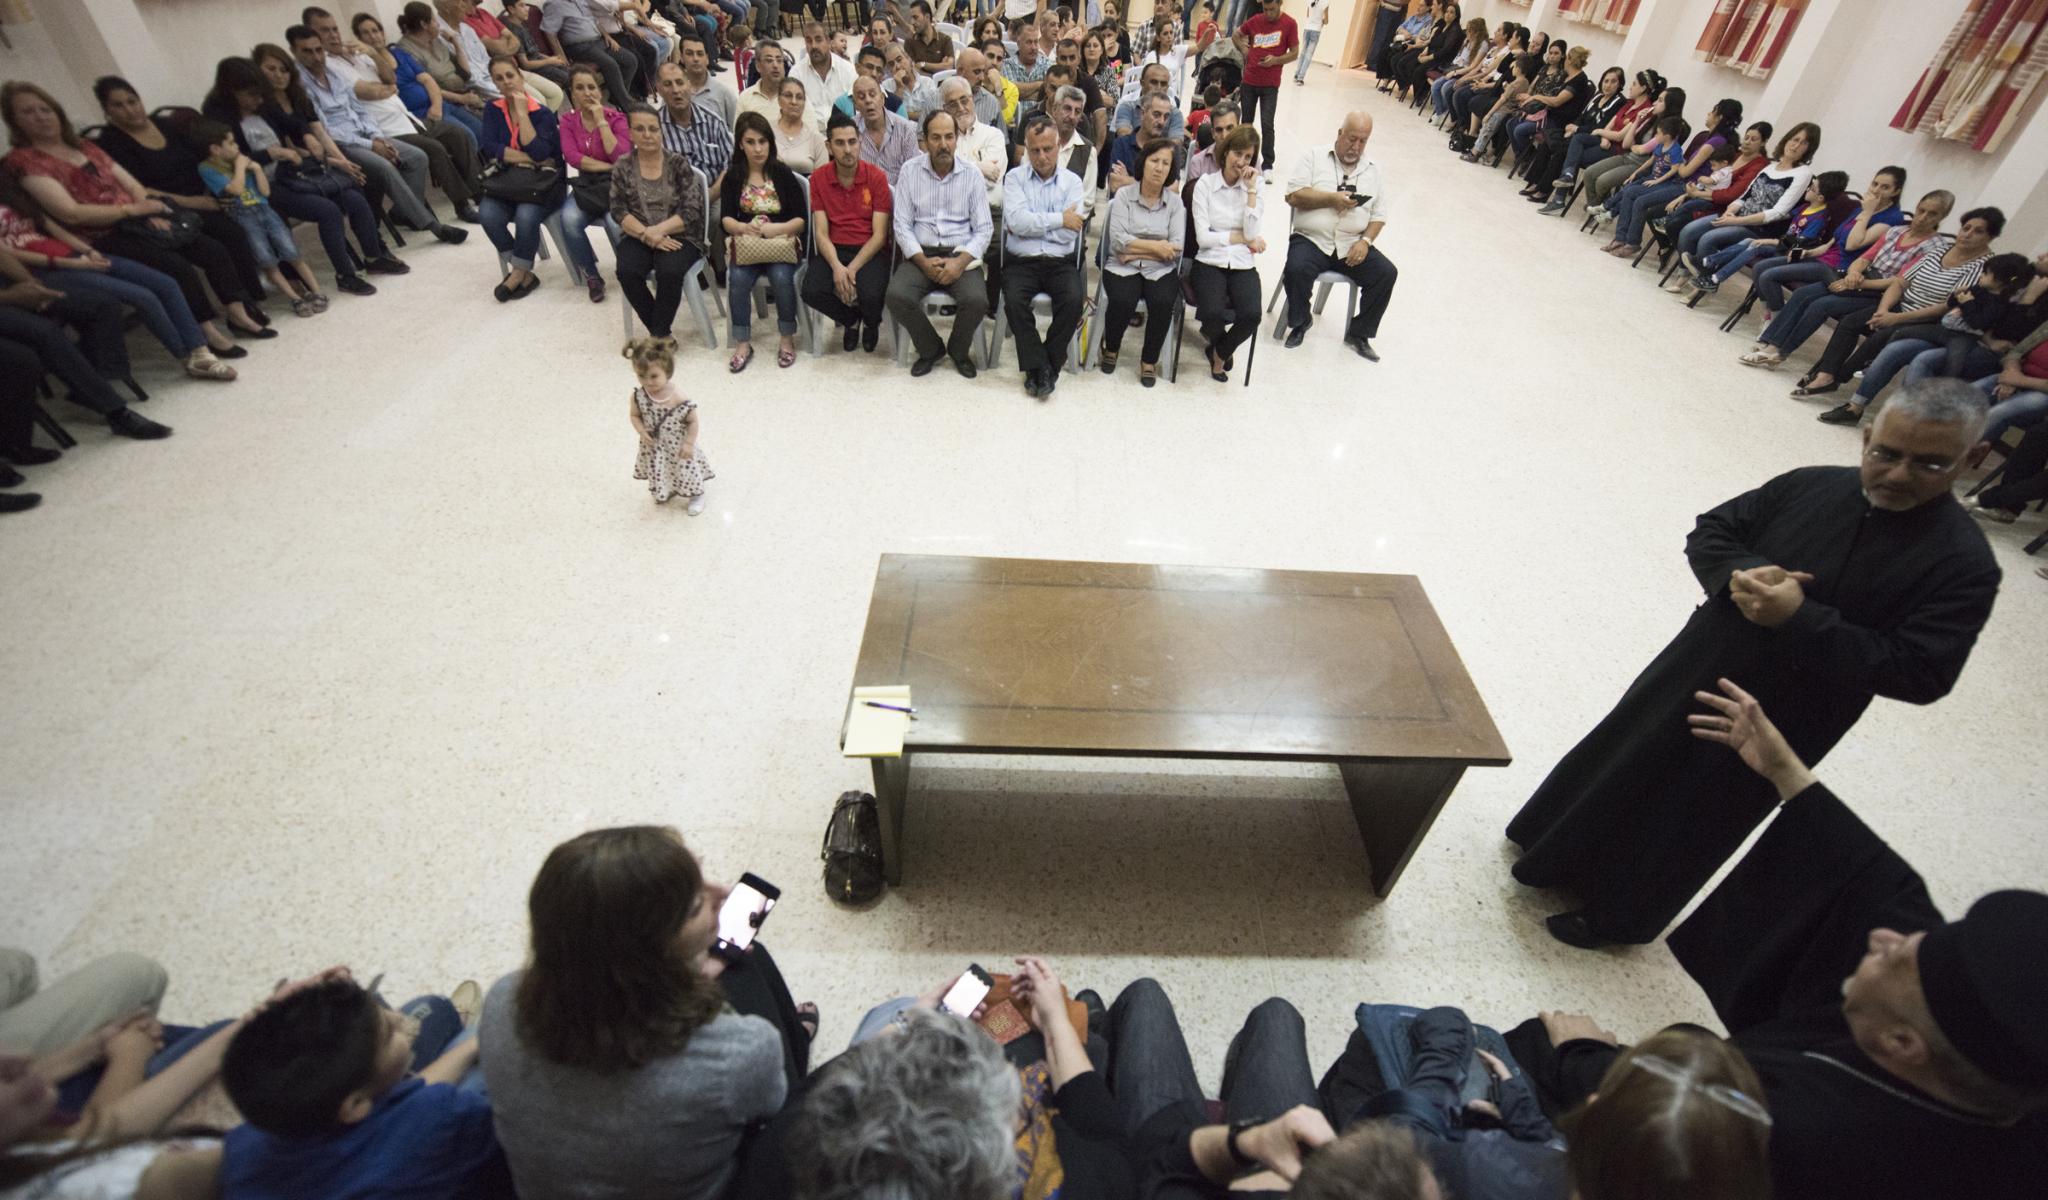 Les familles de réfugiés qui sont aidées par père Abud et sa paroisse jordanienne nous ont fait l'honneur de se joindre à nous. Elles ont parlé et débattu de leur sort et ont témoigné de ce qu'elles ont vécu. Nous connaissons la réponse qu'ils ont faite aux djihadistes... © Jeffrey Bruno